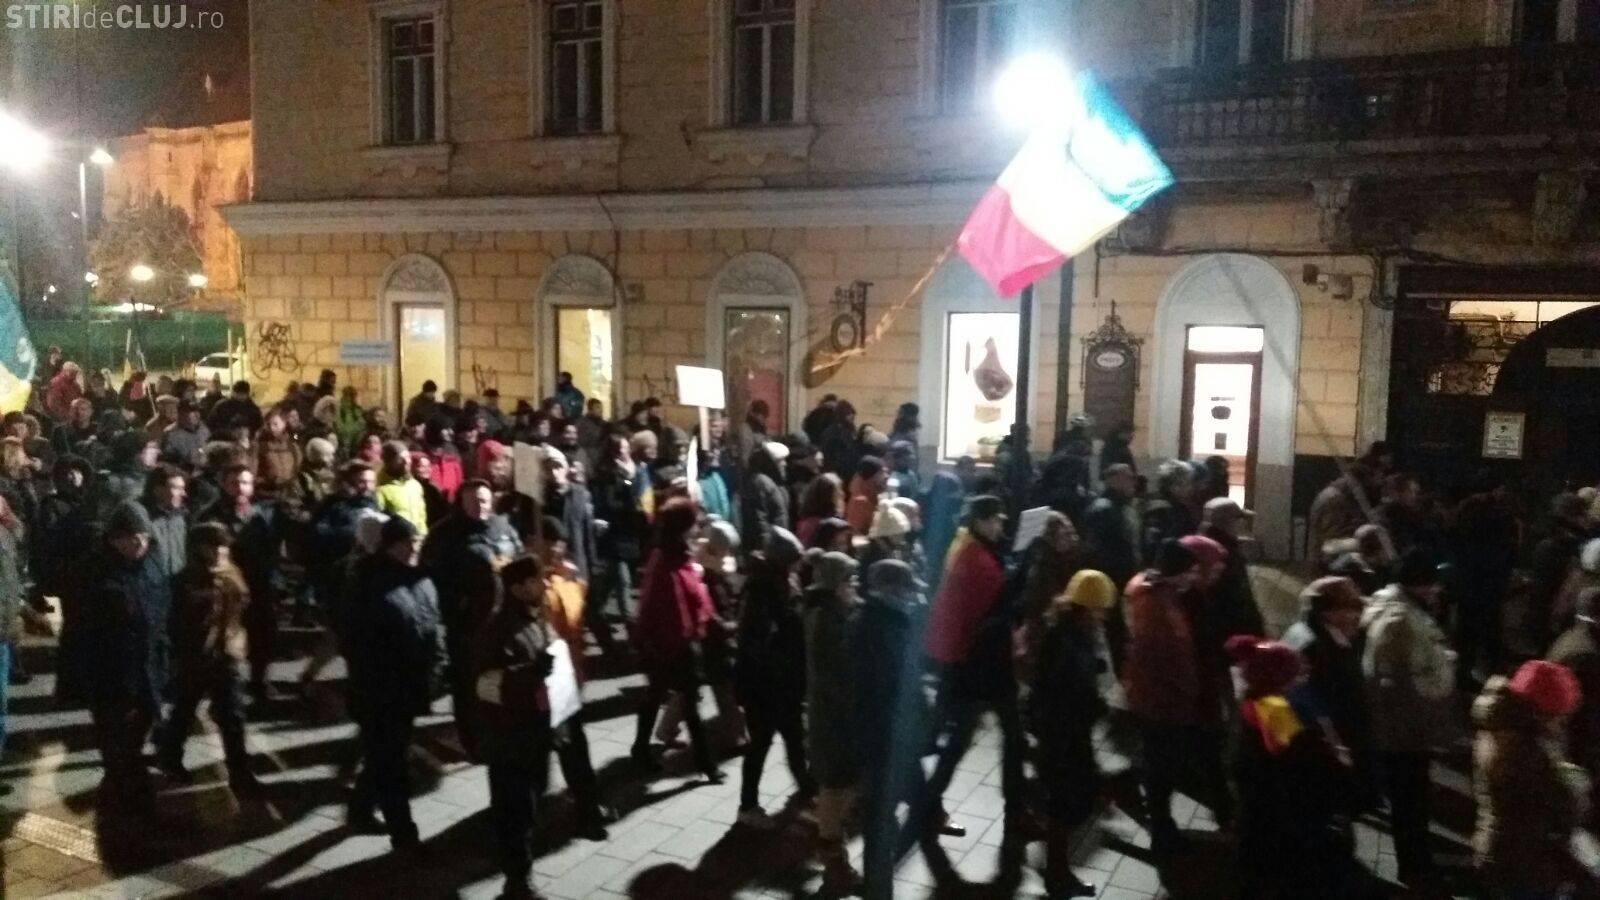 Protestele continuă la Cluj! Sute de clujeni înfruntă frigul. Au venit cu un banner sugestiv - FOTO